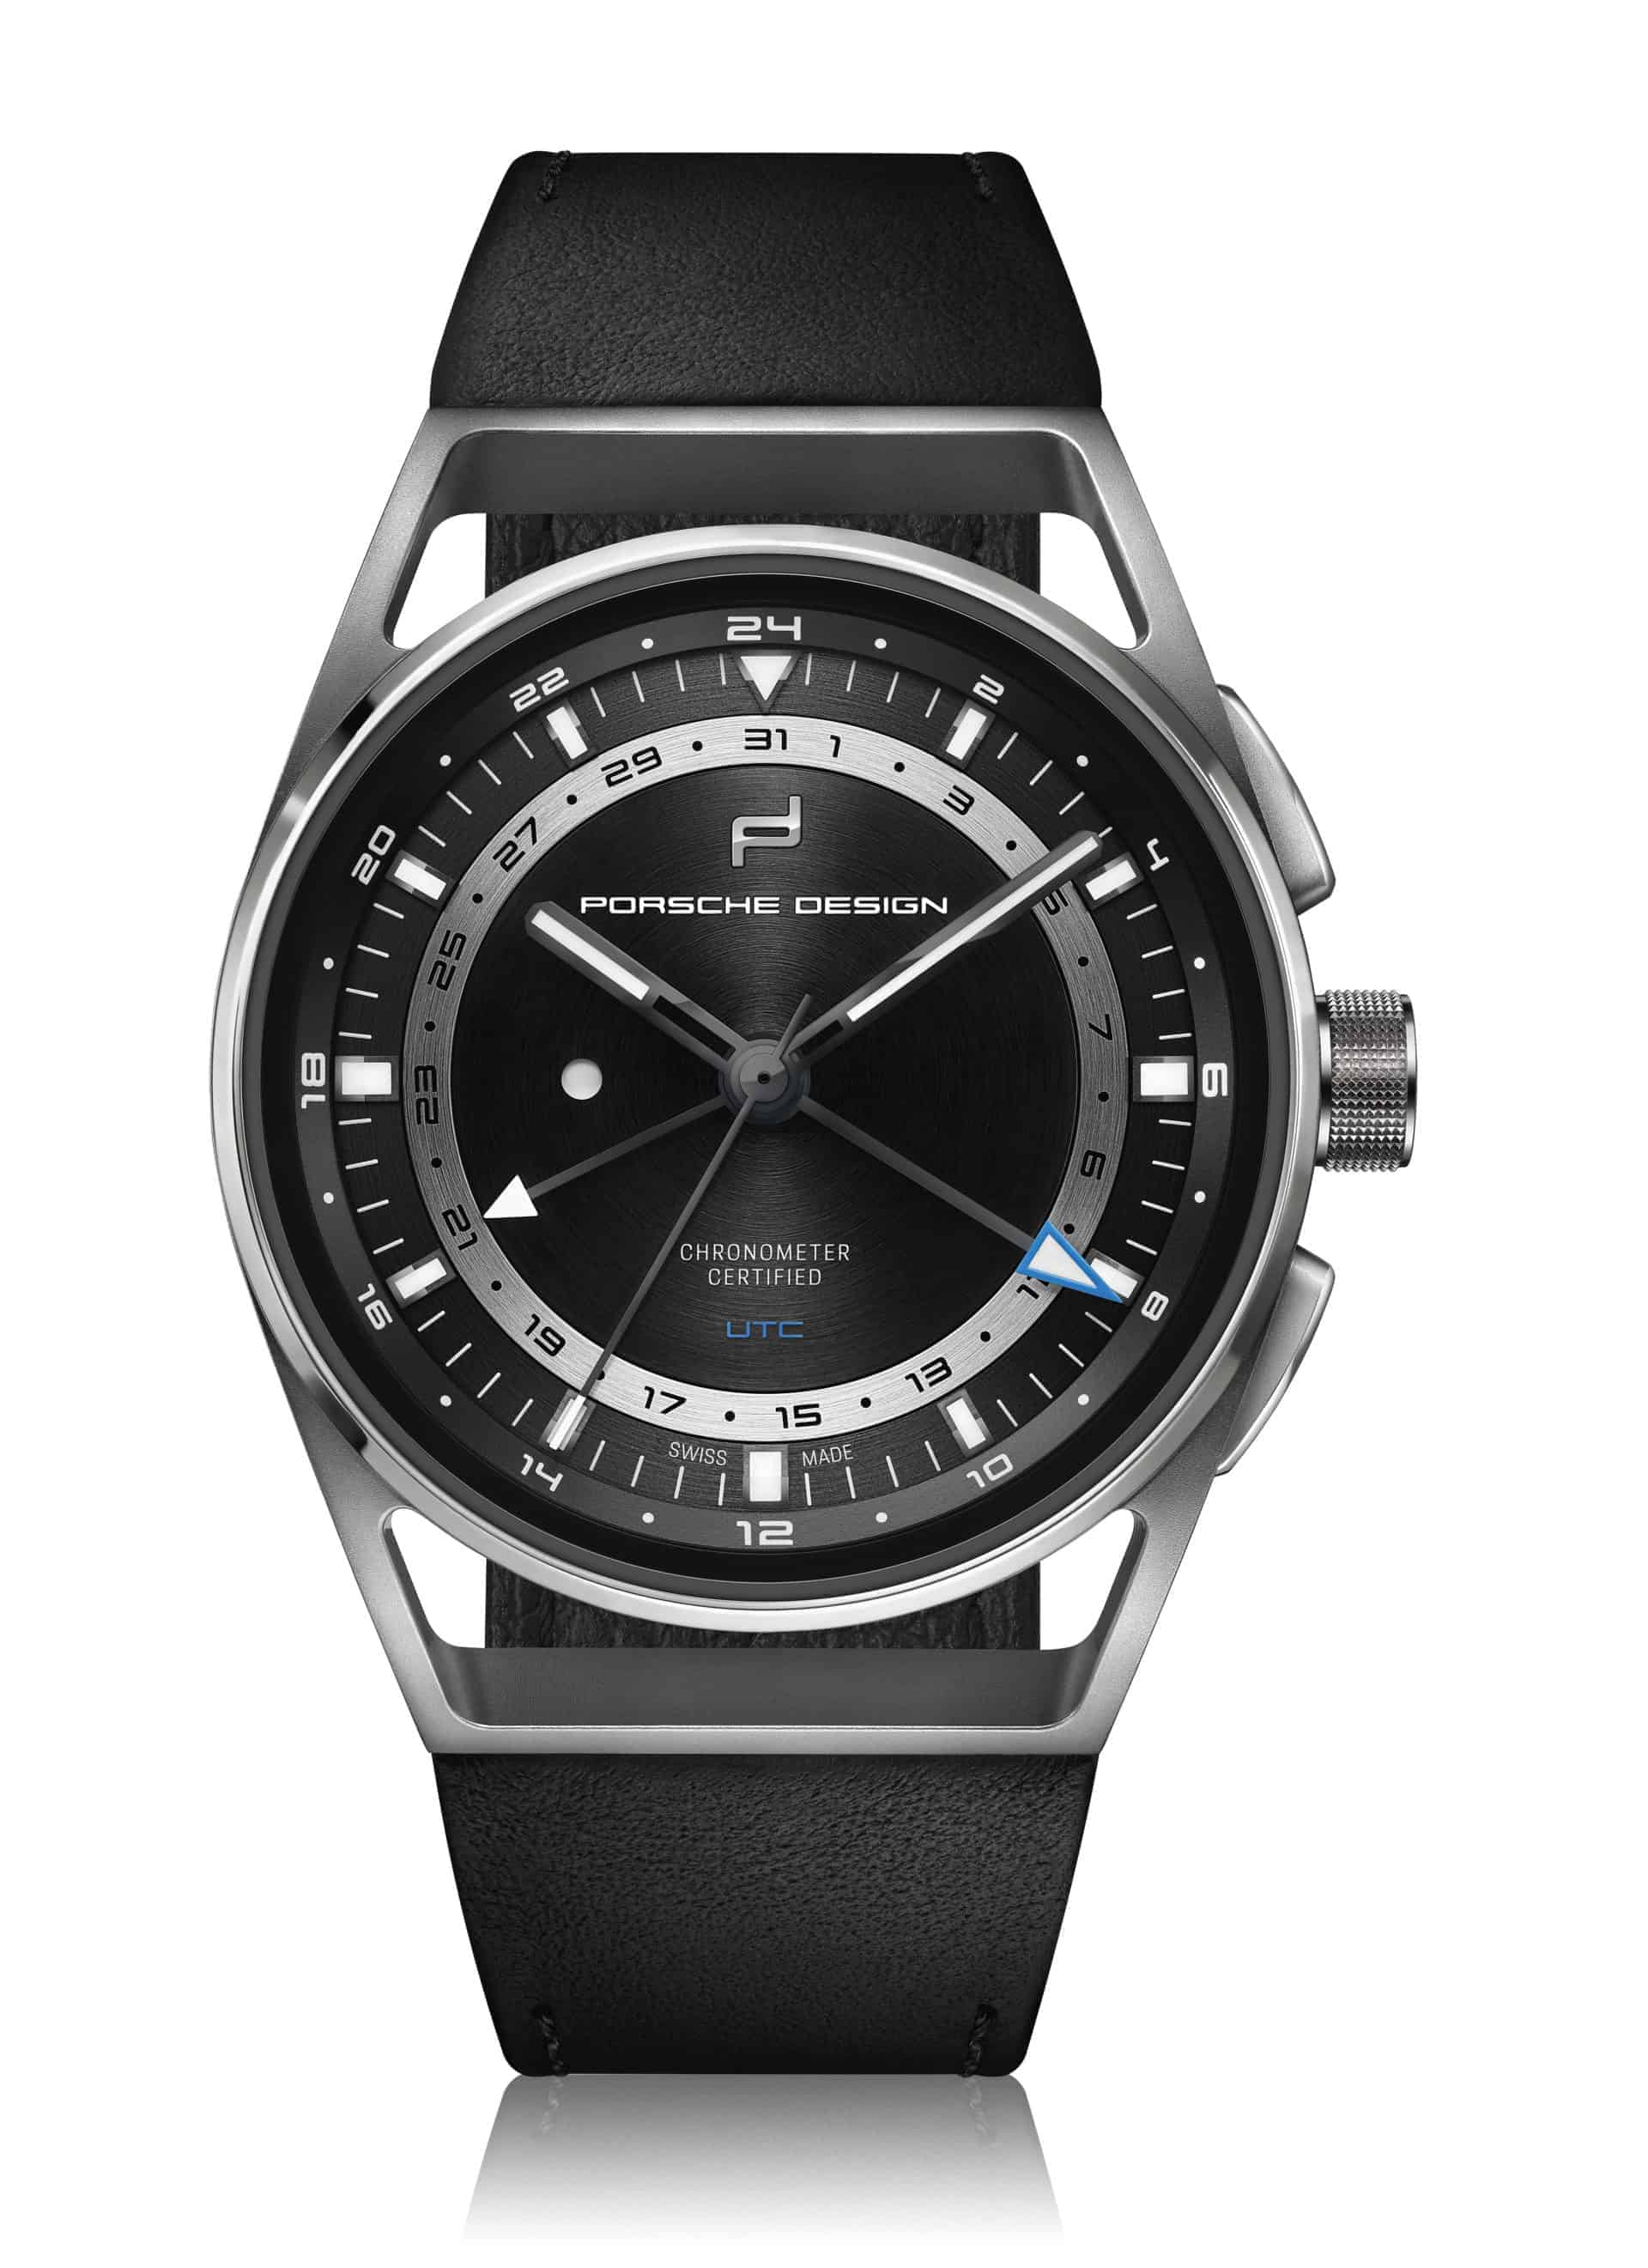 Der Porsche Design 1919 Globetimer UTC in Titan bietet einen Chronographen mit Zeitzonen Schnellschaltung. Er kostet 5.950 Euro.